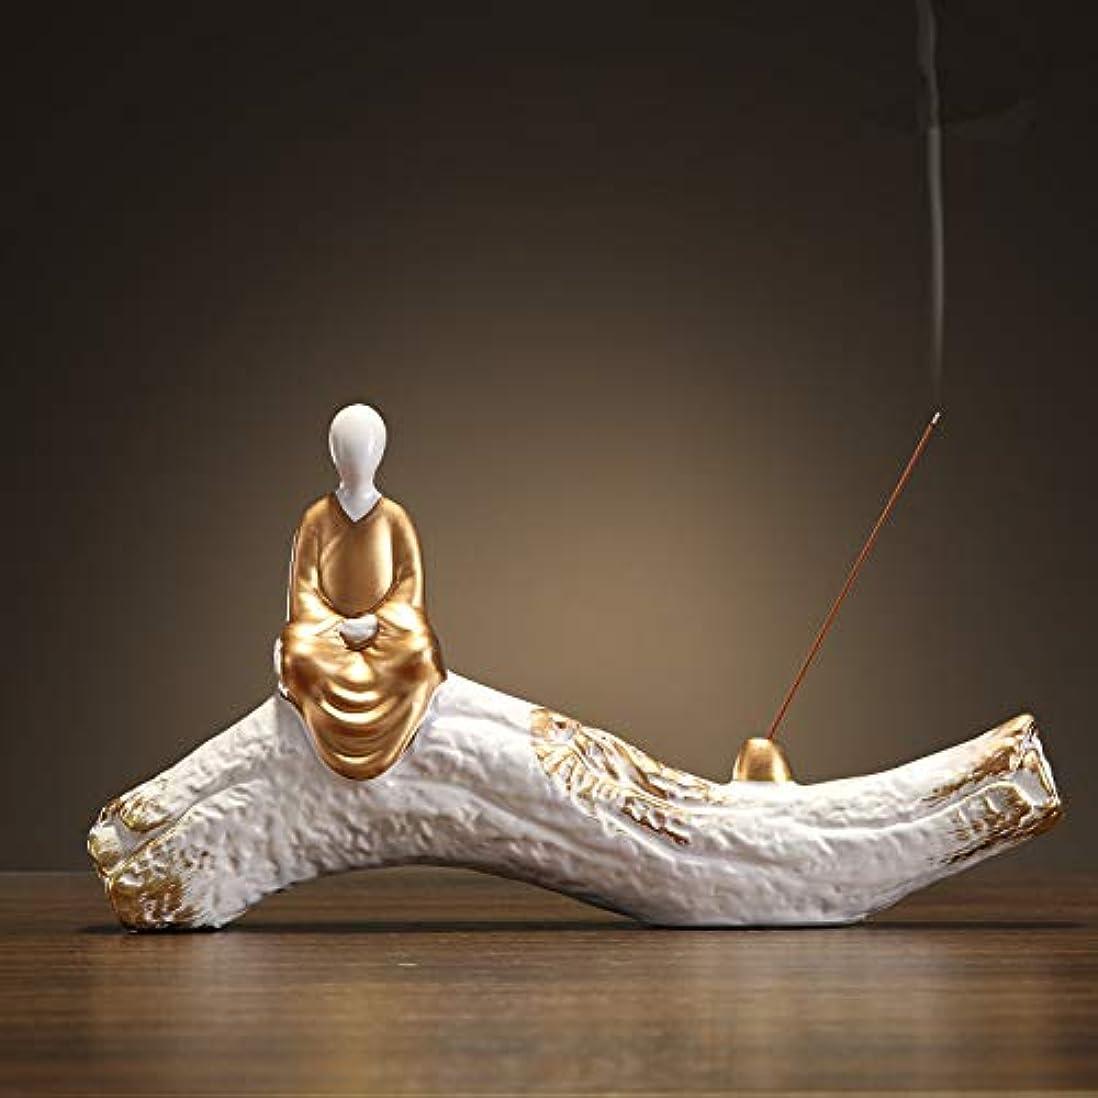 ヨーグルト裸ばか香炉手作り陶芸香炉コイル仏教香炉仏Bu炉香炉香スティックフレーム29 * 15.5cm